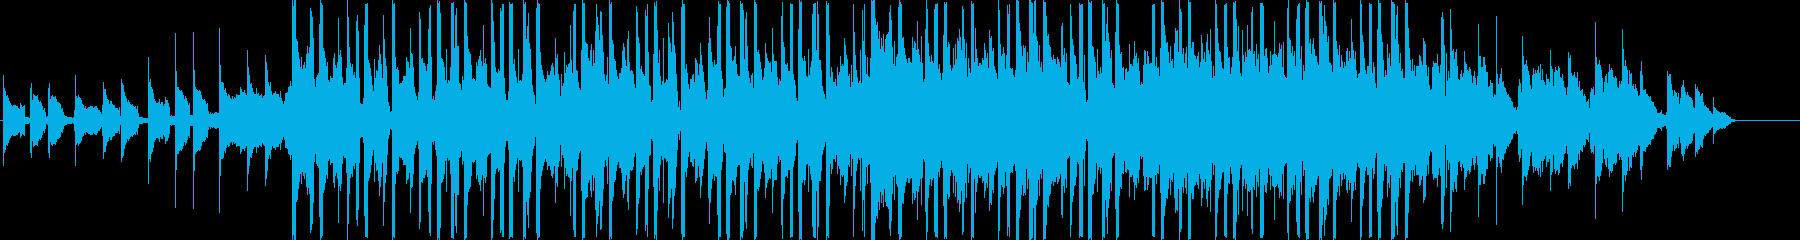 ポップ テクノ Hip-hop ア...の再生済みの波形